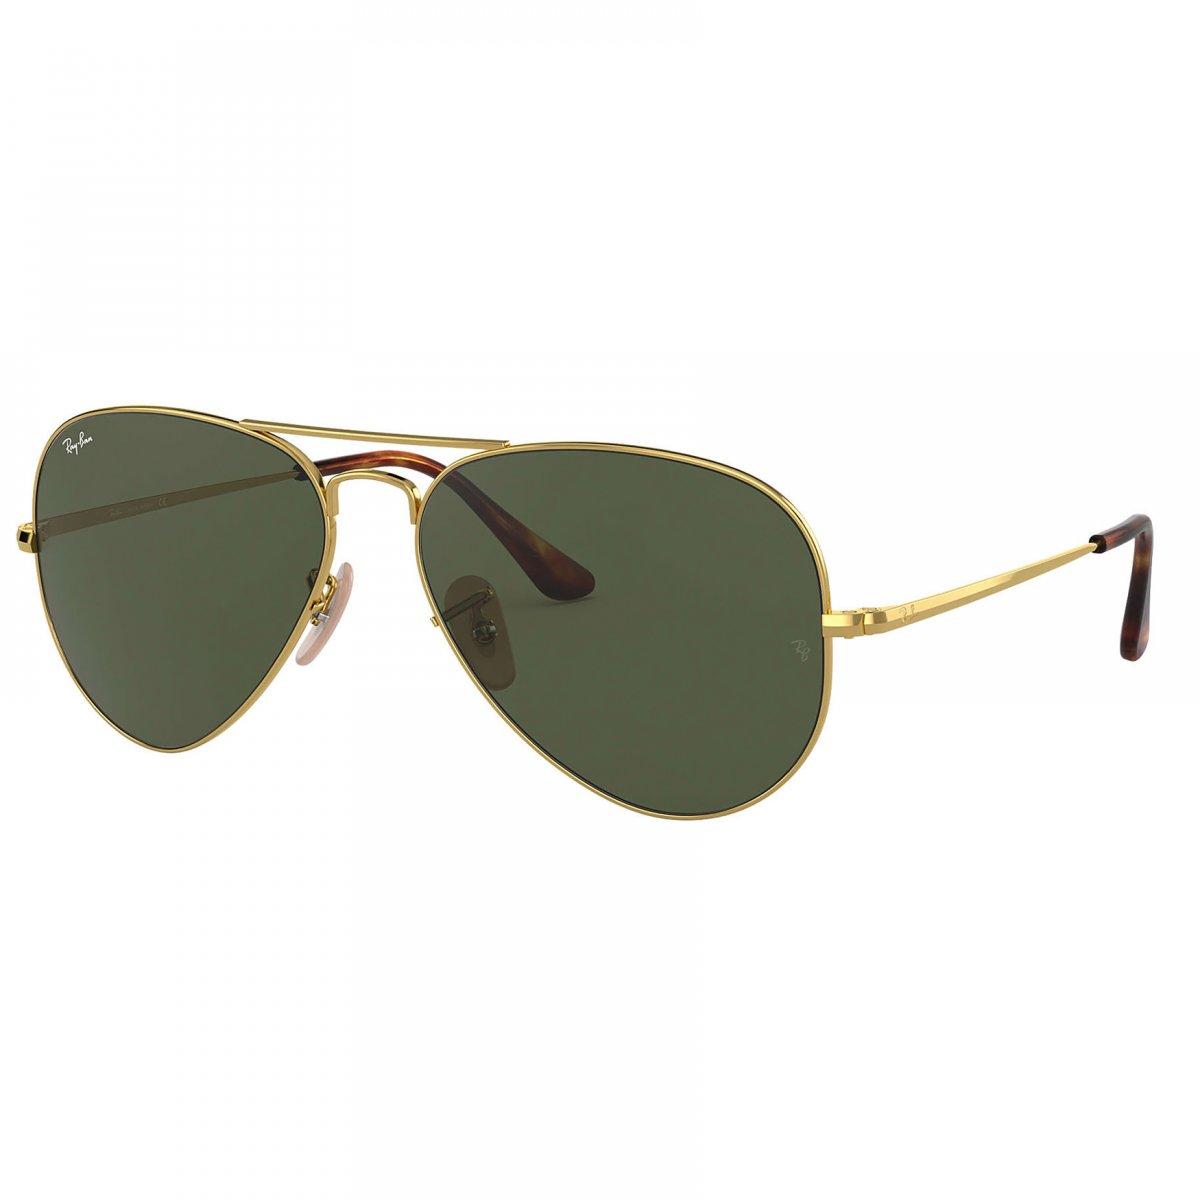 8383aaaf3 Óculos de Sol Feminino Ray Ban | Óculos de Sol Ray Ban RB3689-914731 58